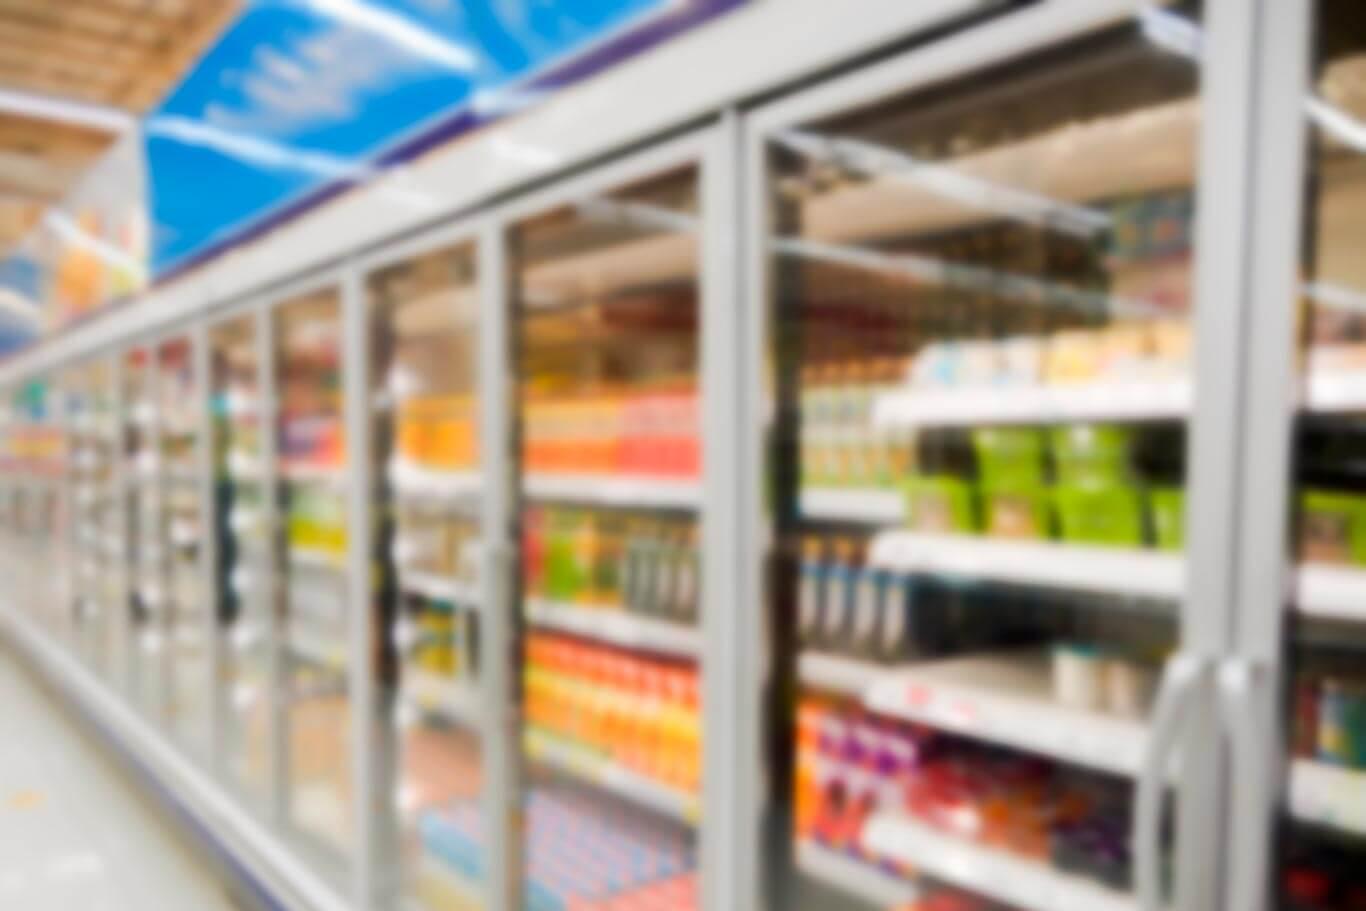 Control de humedad en refrigeradores de Walmart